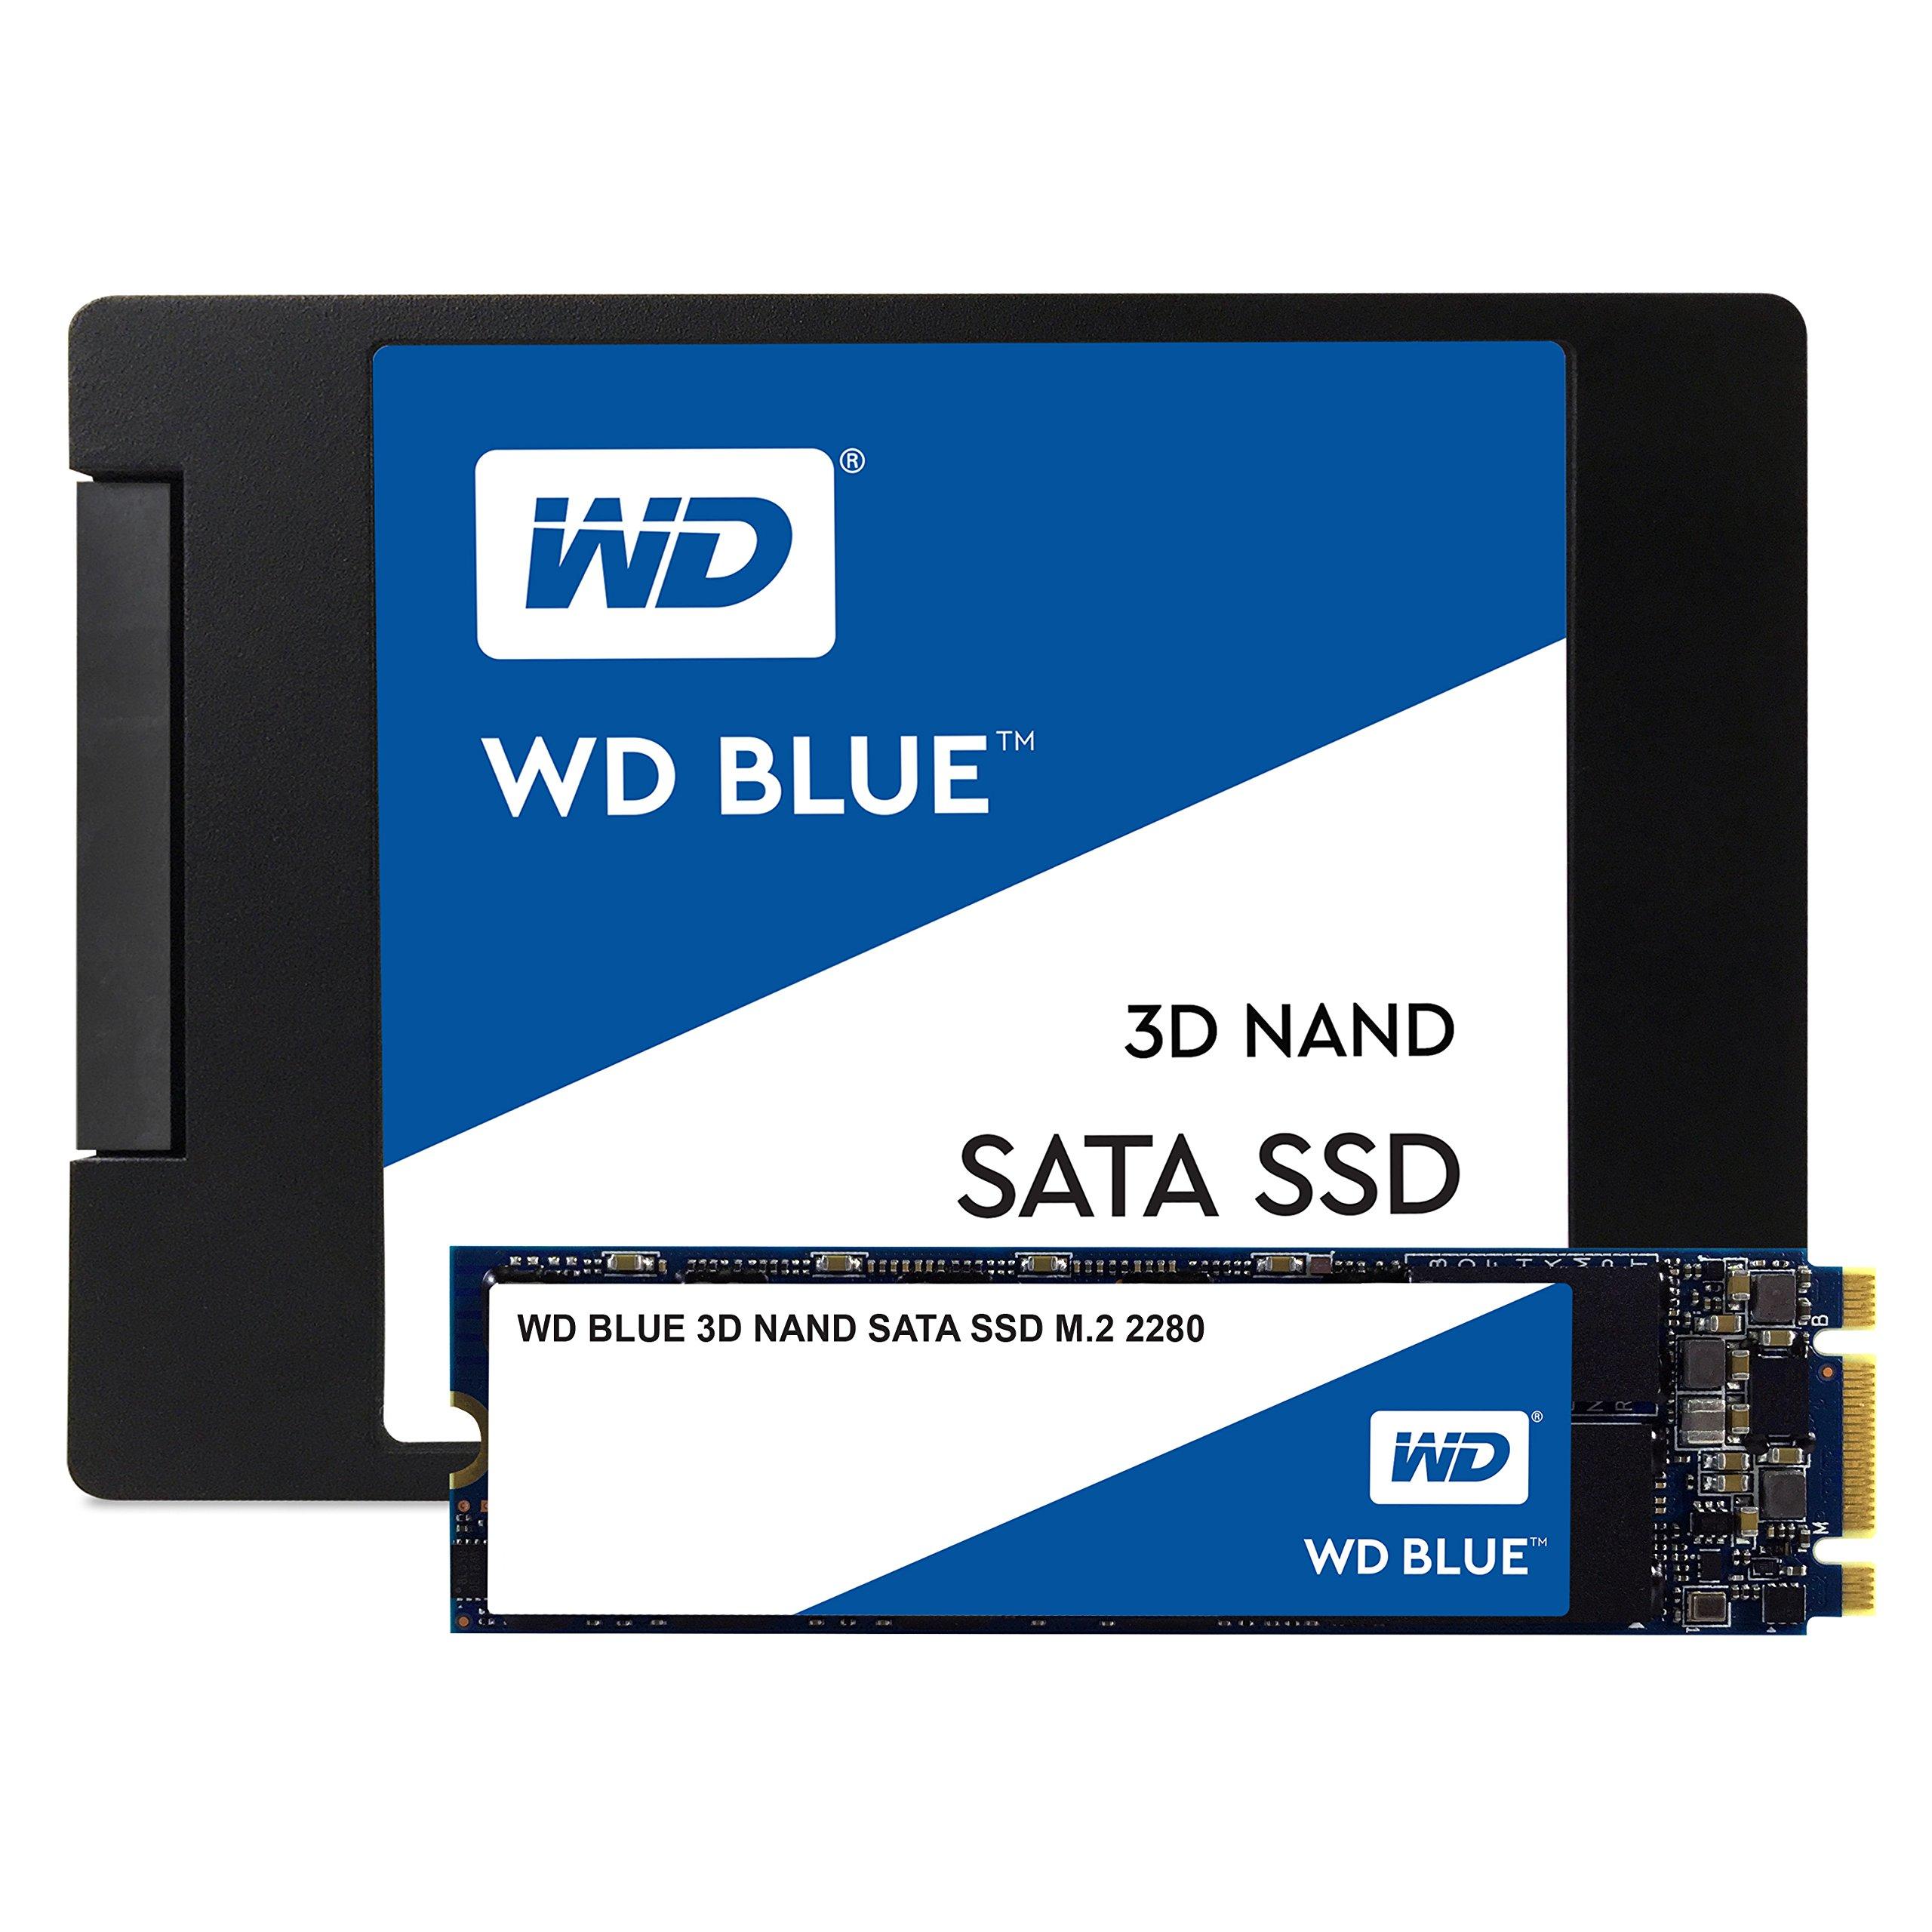 WD Blue 3D NAND 2TB PC SSD - SATA III 6 Gb/s, M.2 2280 - WDS200T2B0B by Western Digital (Image #4)